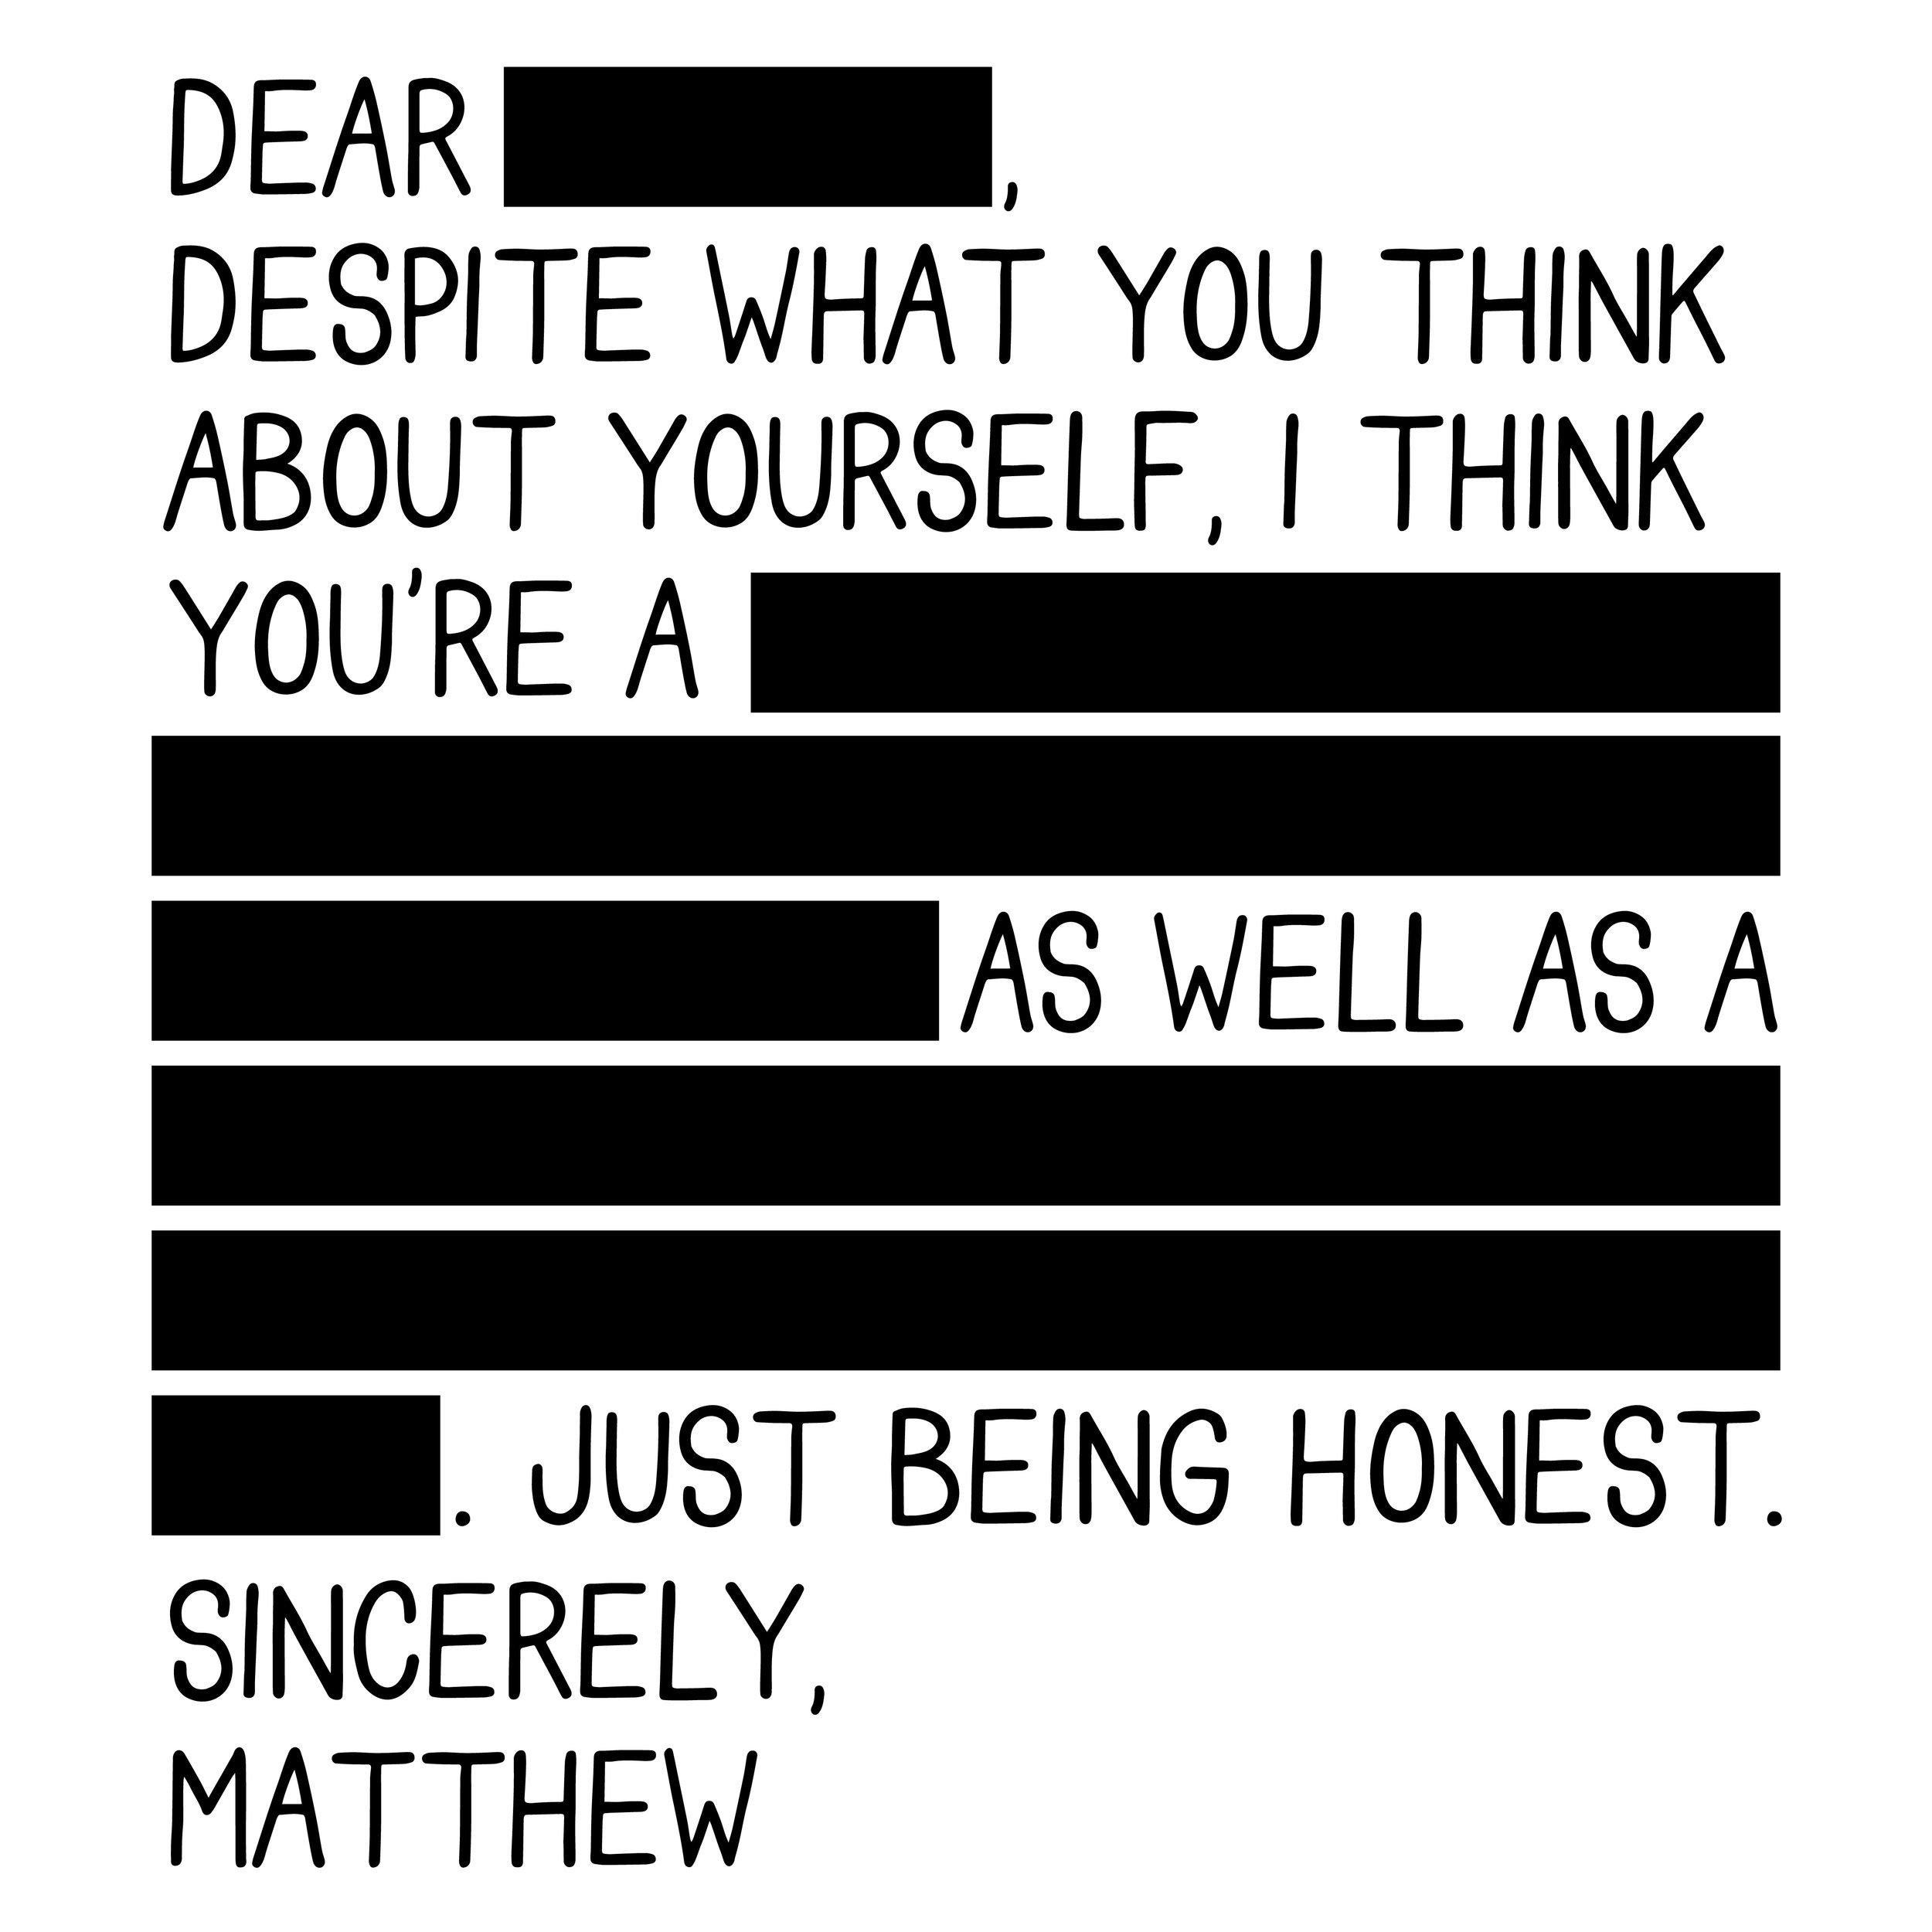 redacted-01.jpg